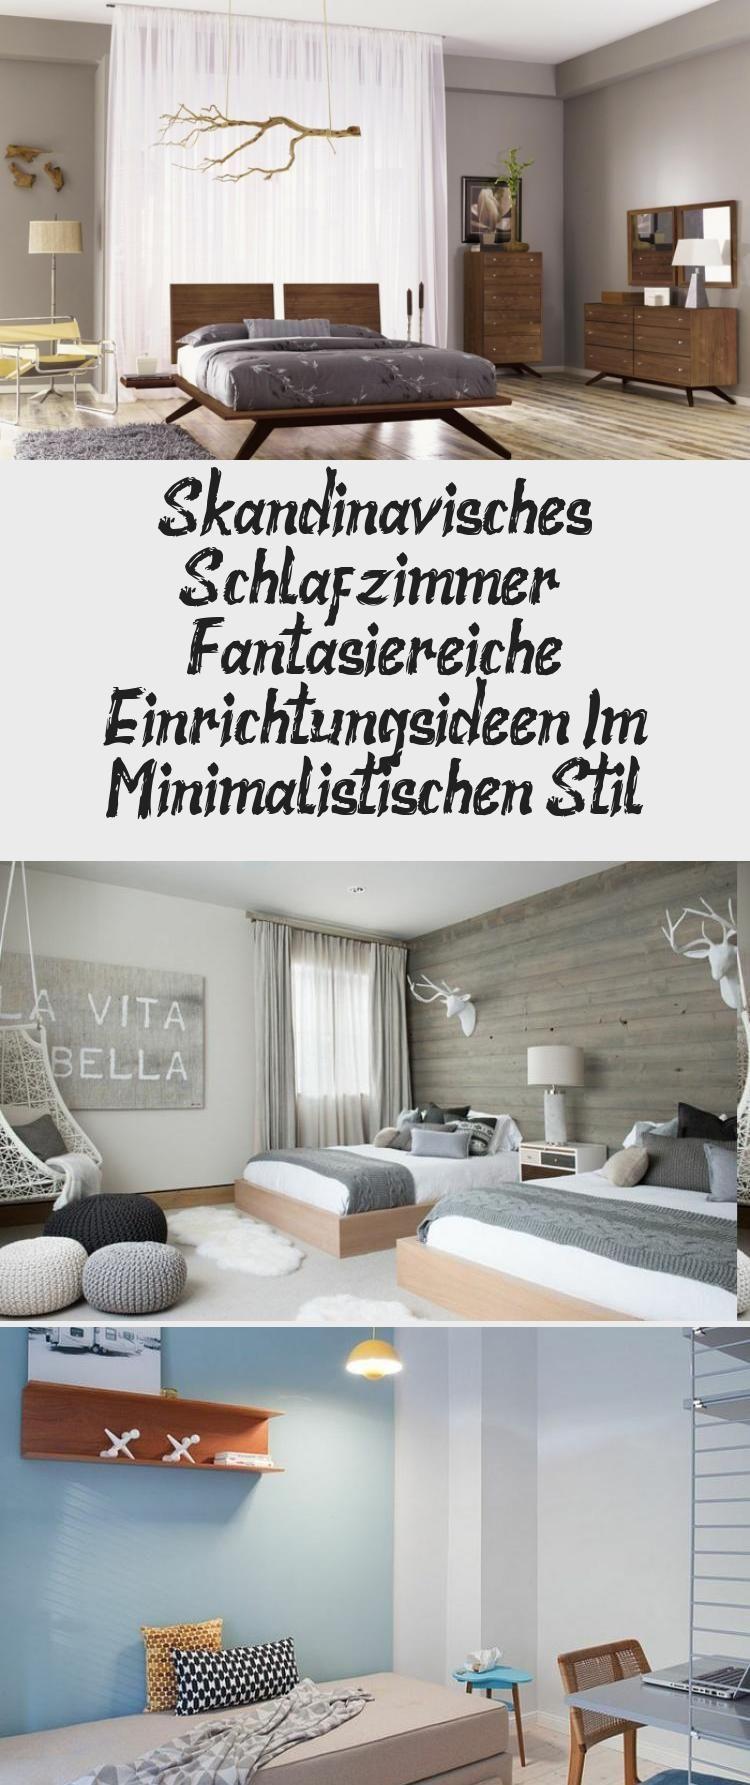 Skandinavisches Babyzimmer Babyzimmer Mit Schragem Dach Graues Babybett 2020 Bebek Yatak Ortuleri